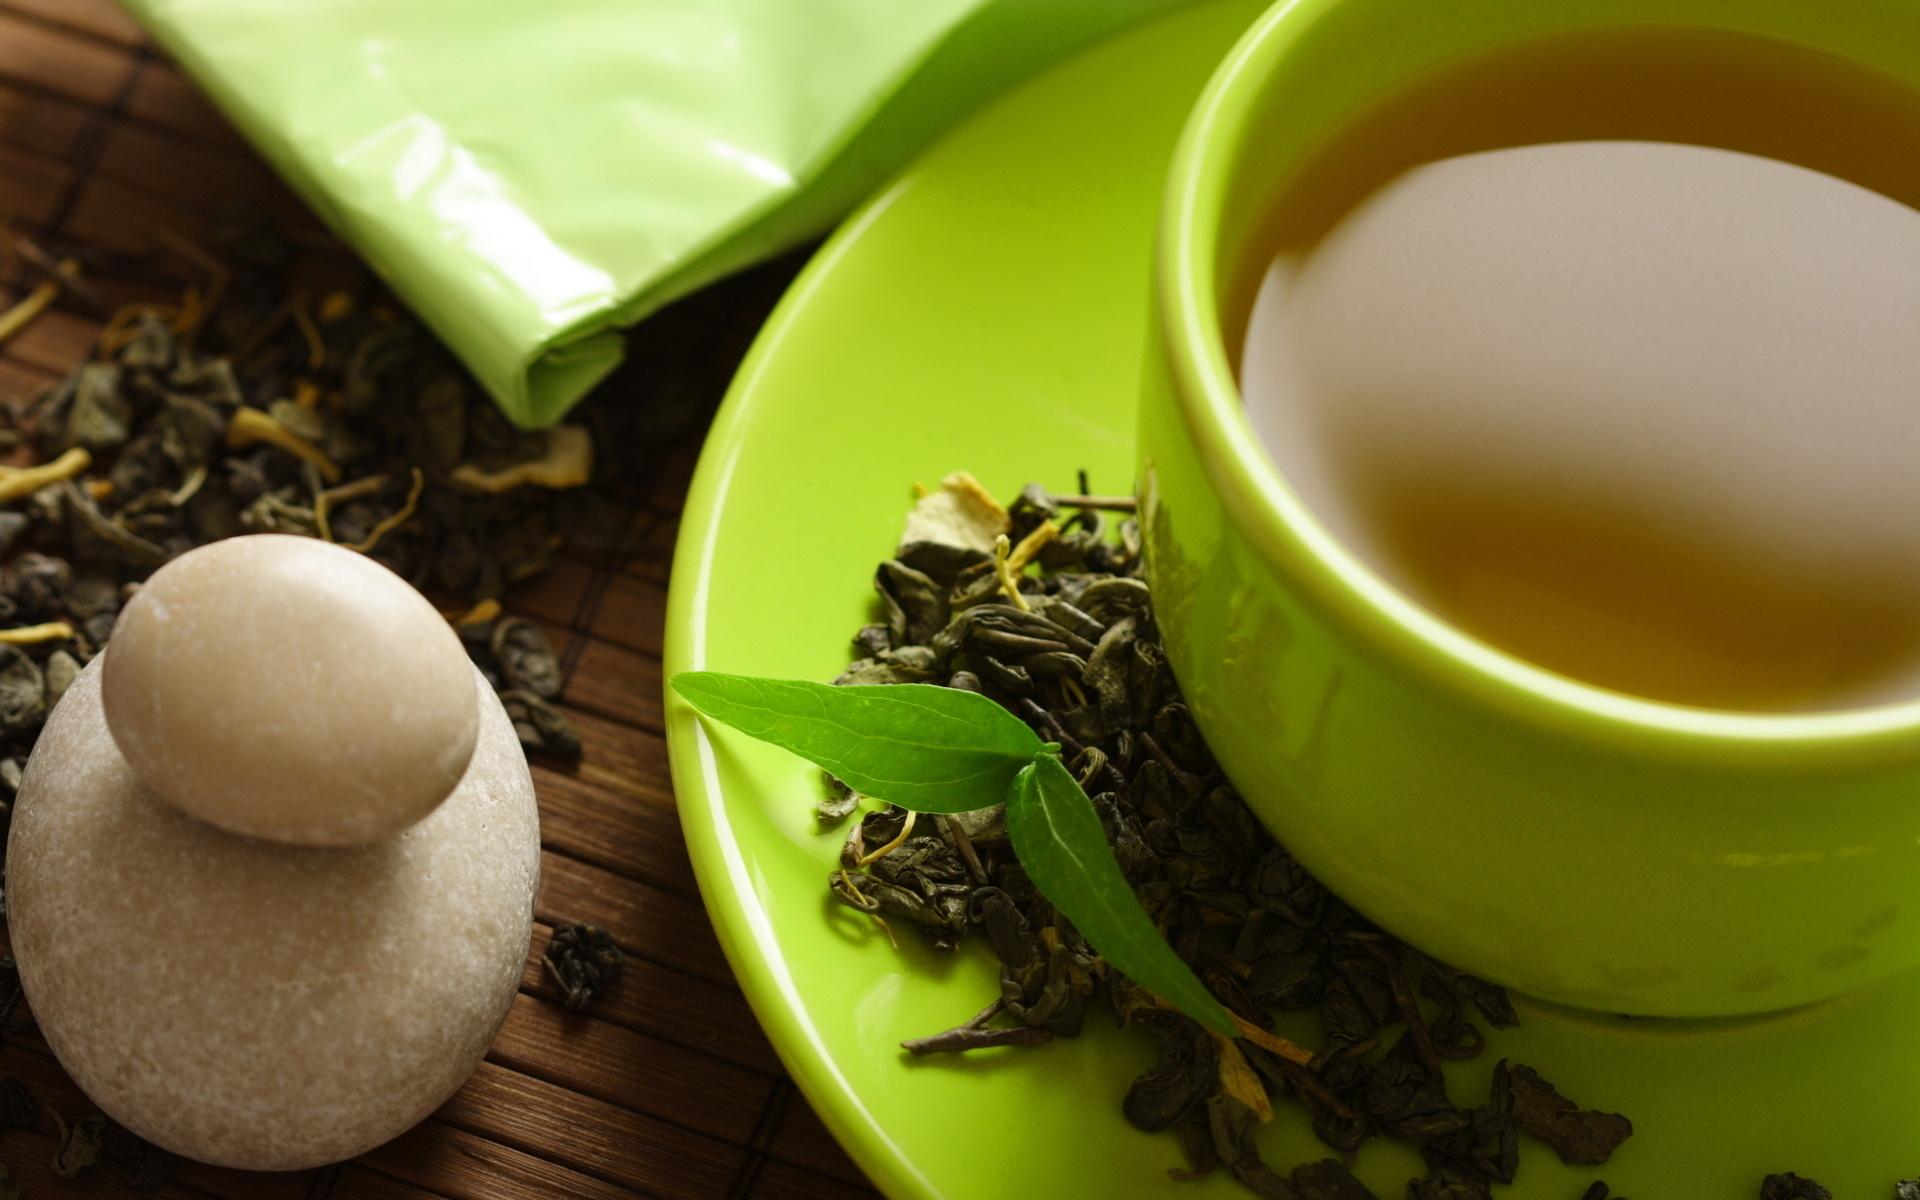 Профилактика кишечных инфекций с помощью чая